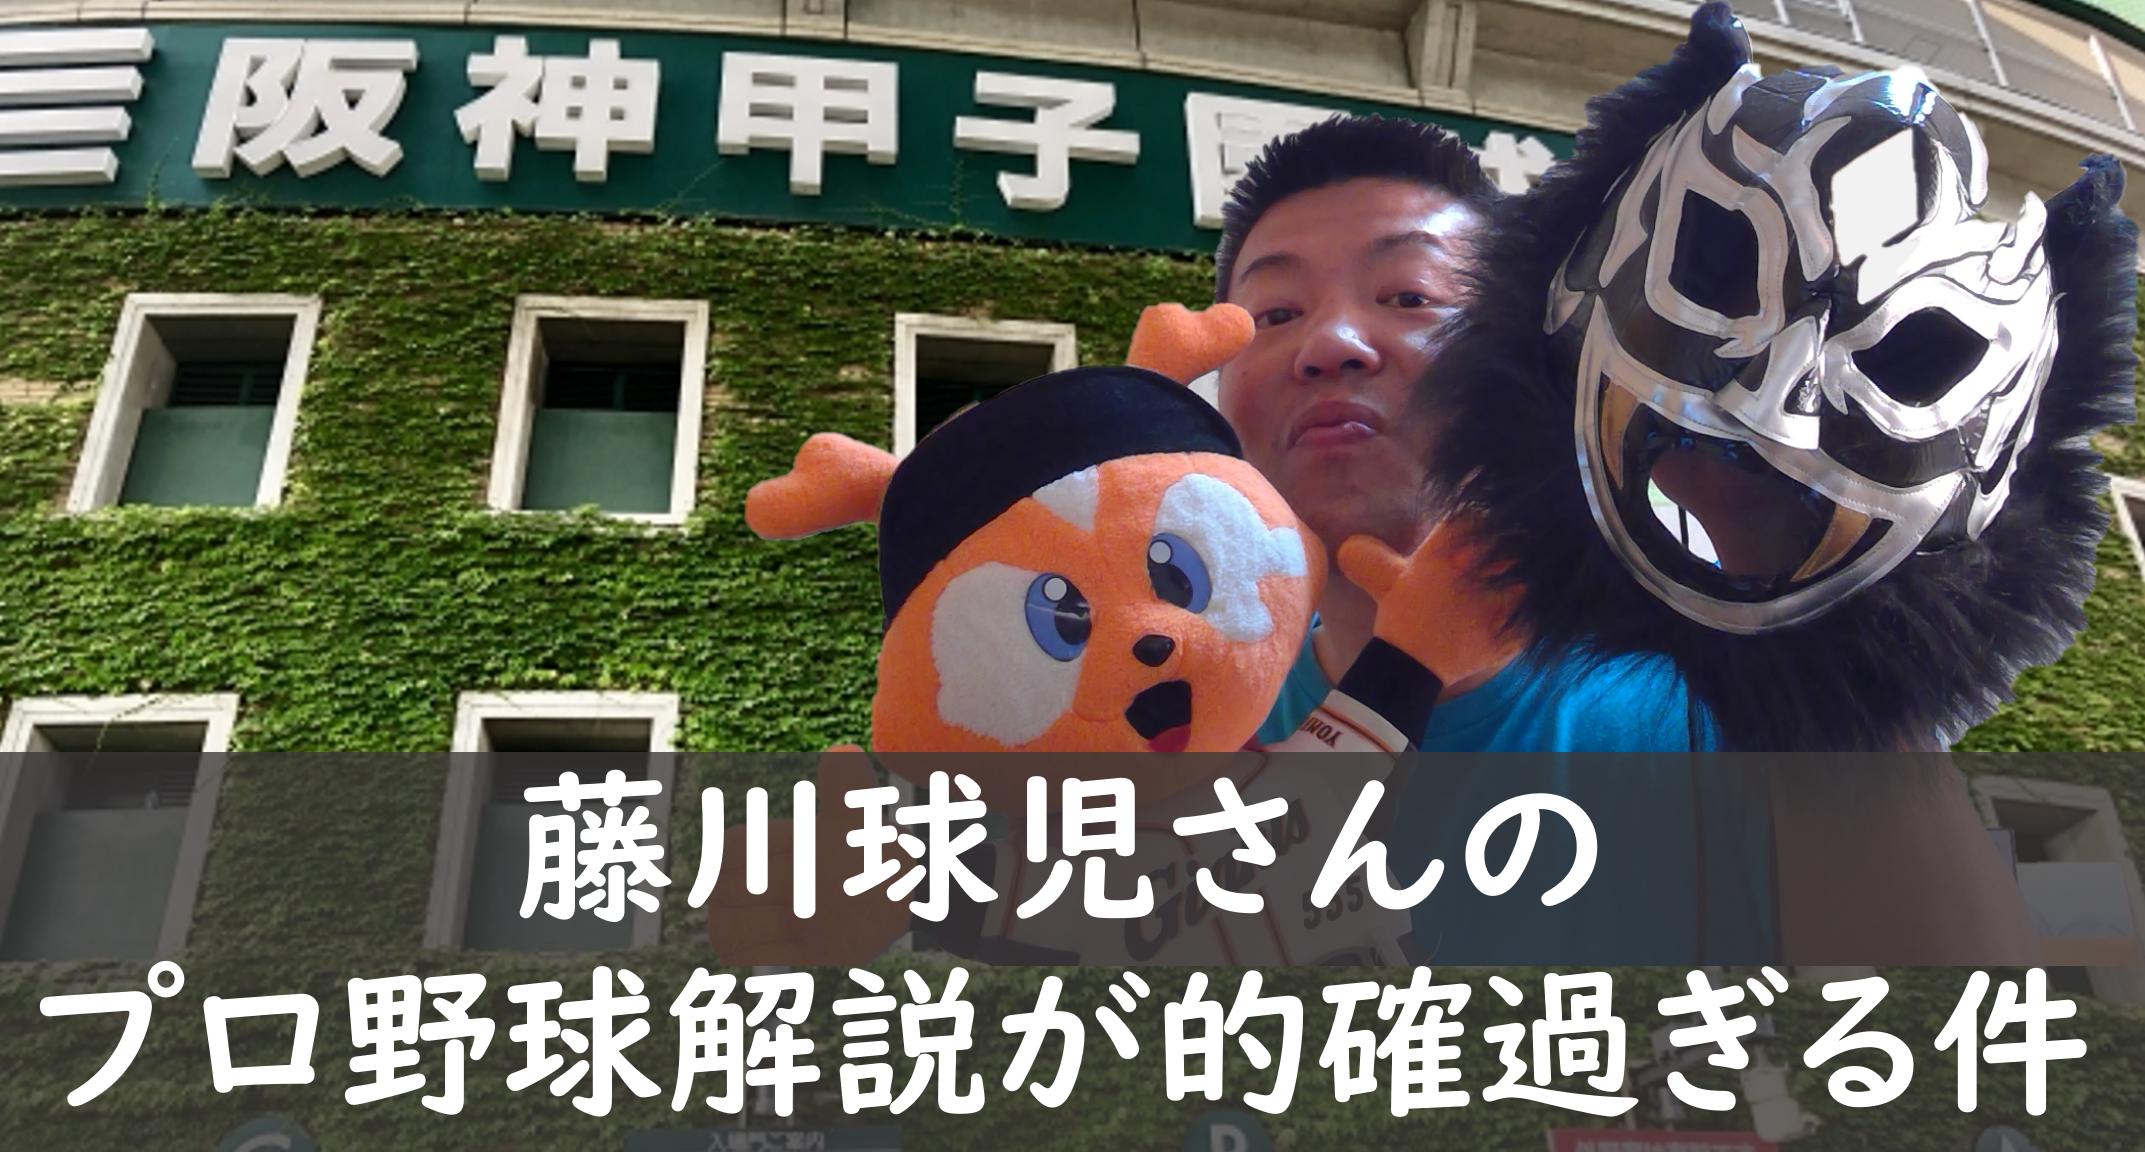 藤川球児さんのプロ野球解説が的確過ぎる件